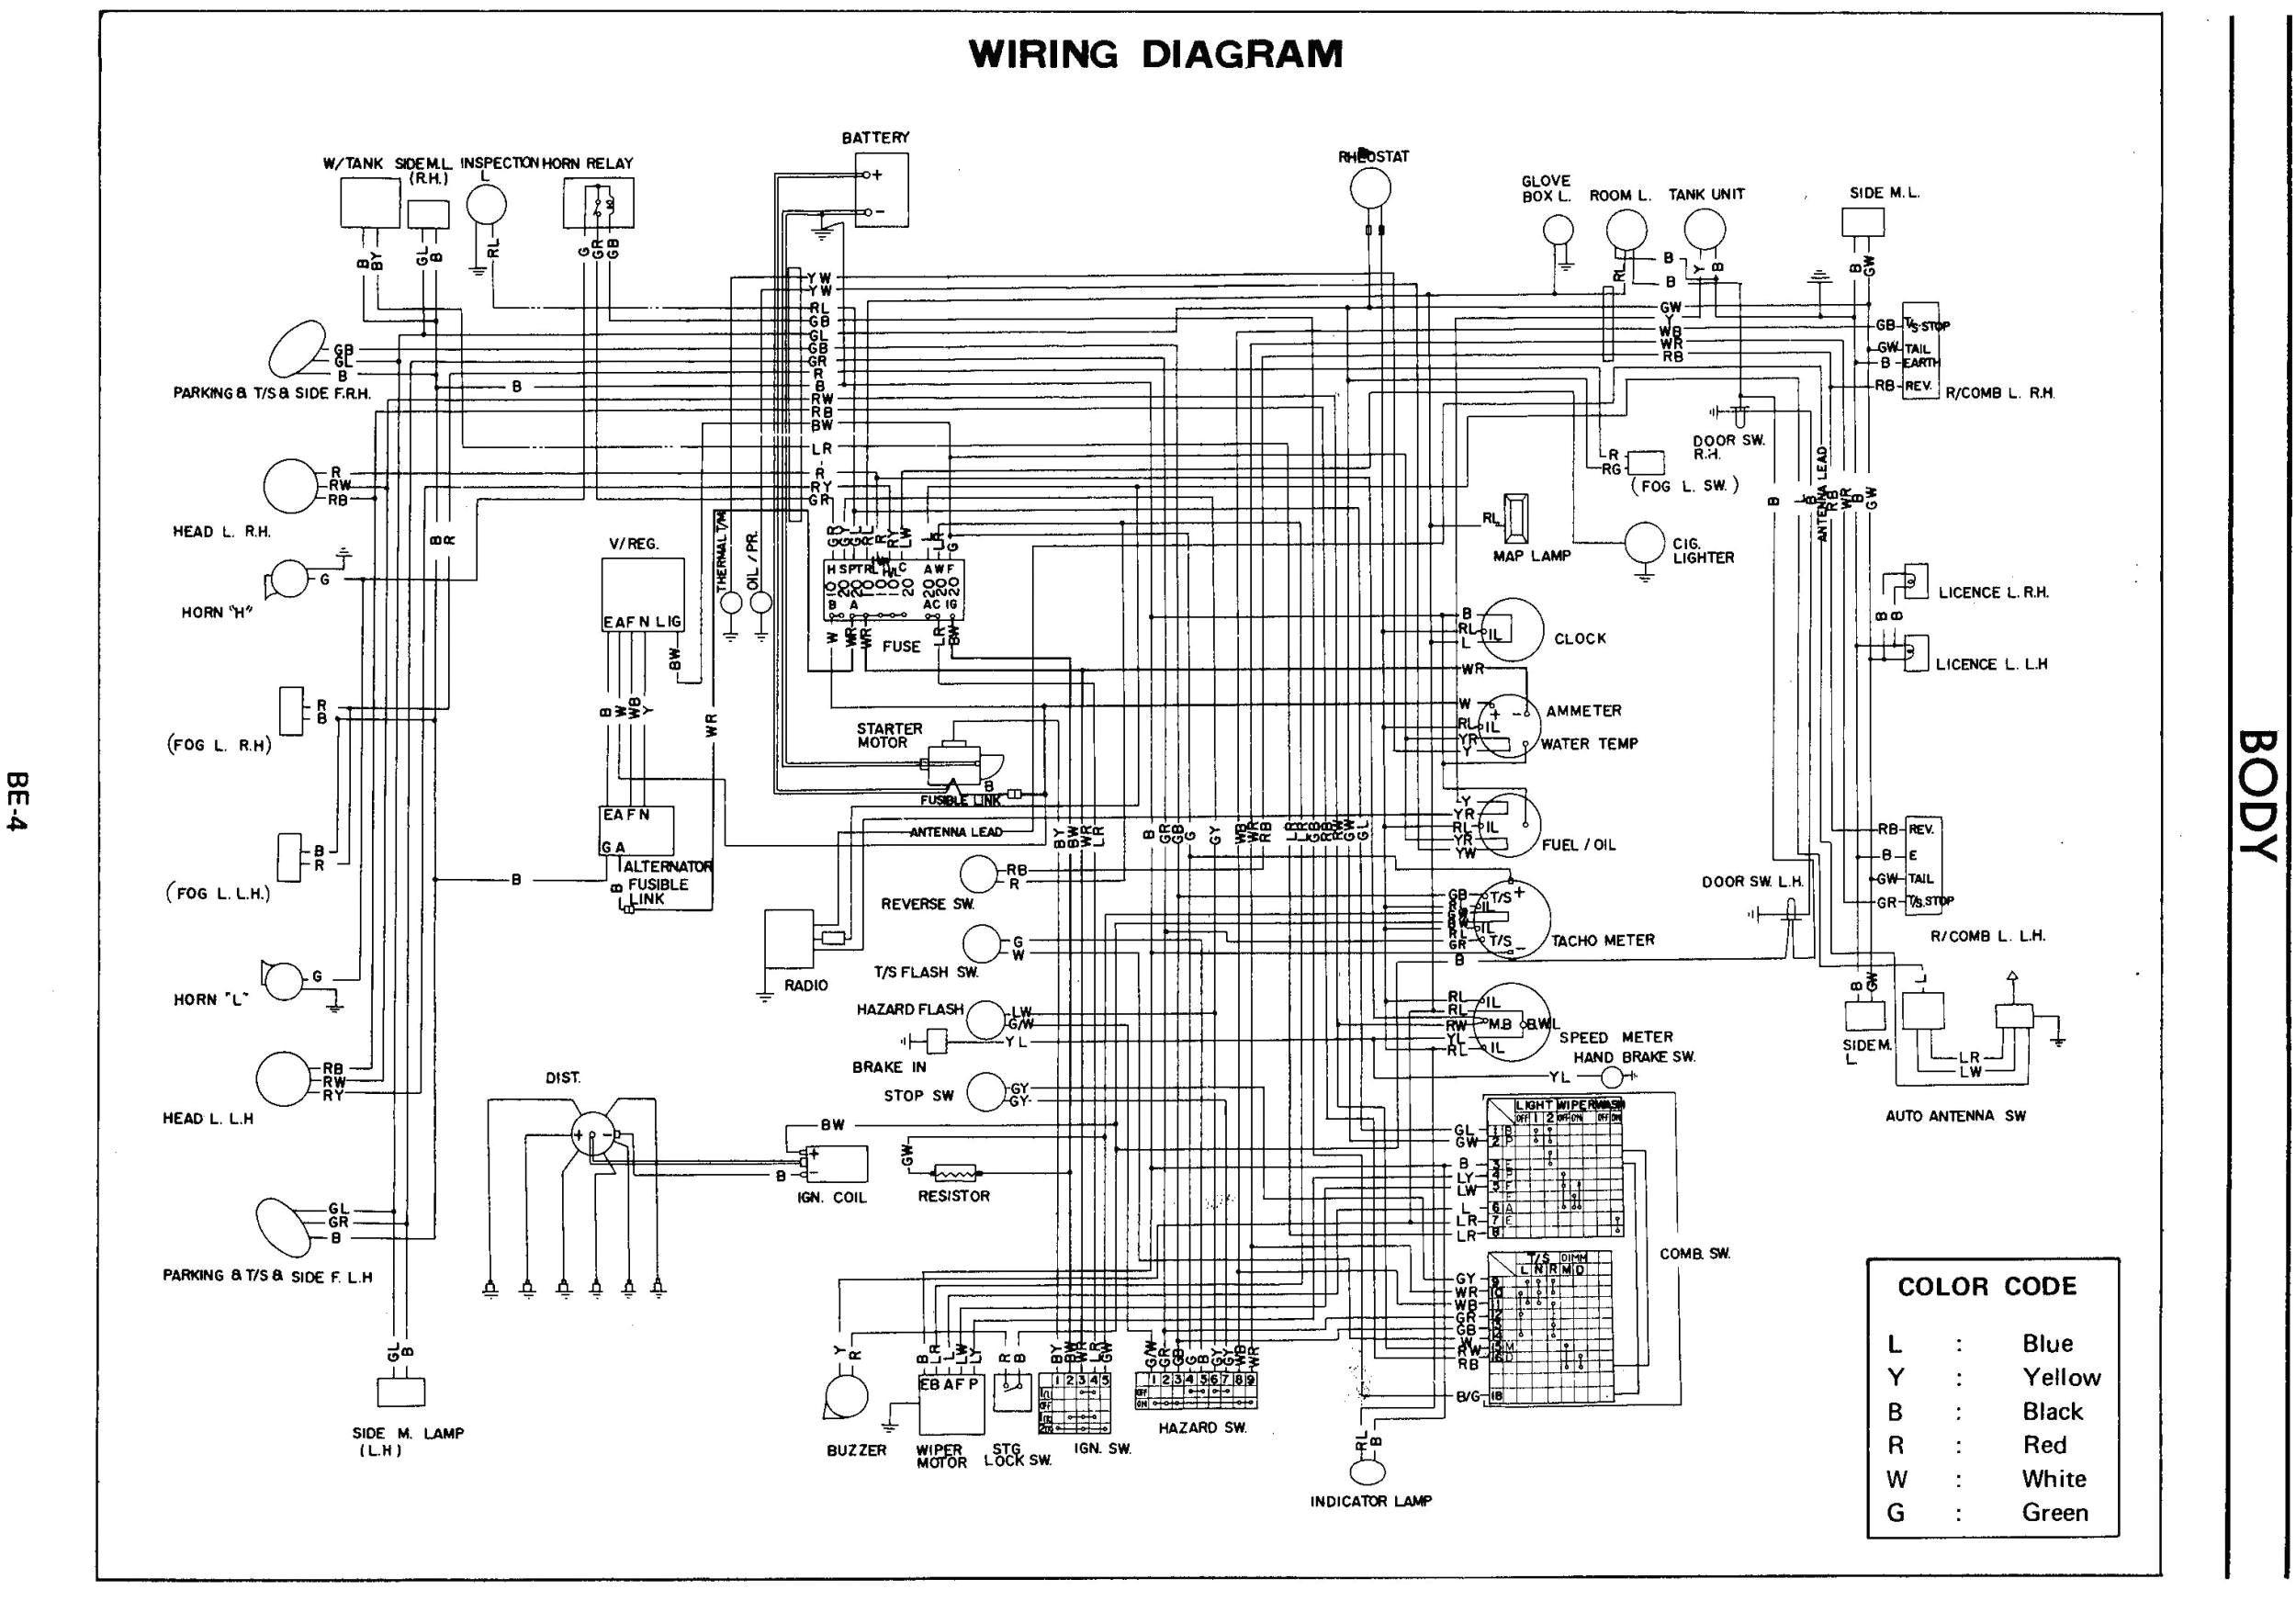 wiring yale diagram glc135v data schematic diagram wiring yale schematic gdp080ljnpbv097 wiring diagram load wiring yale